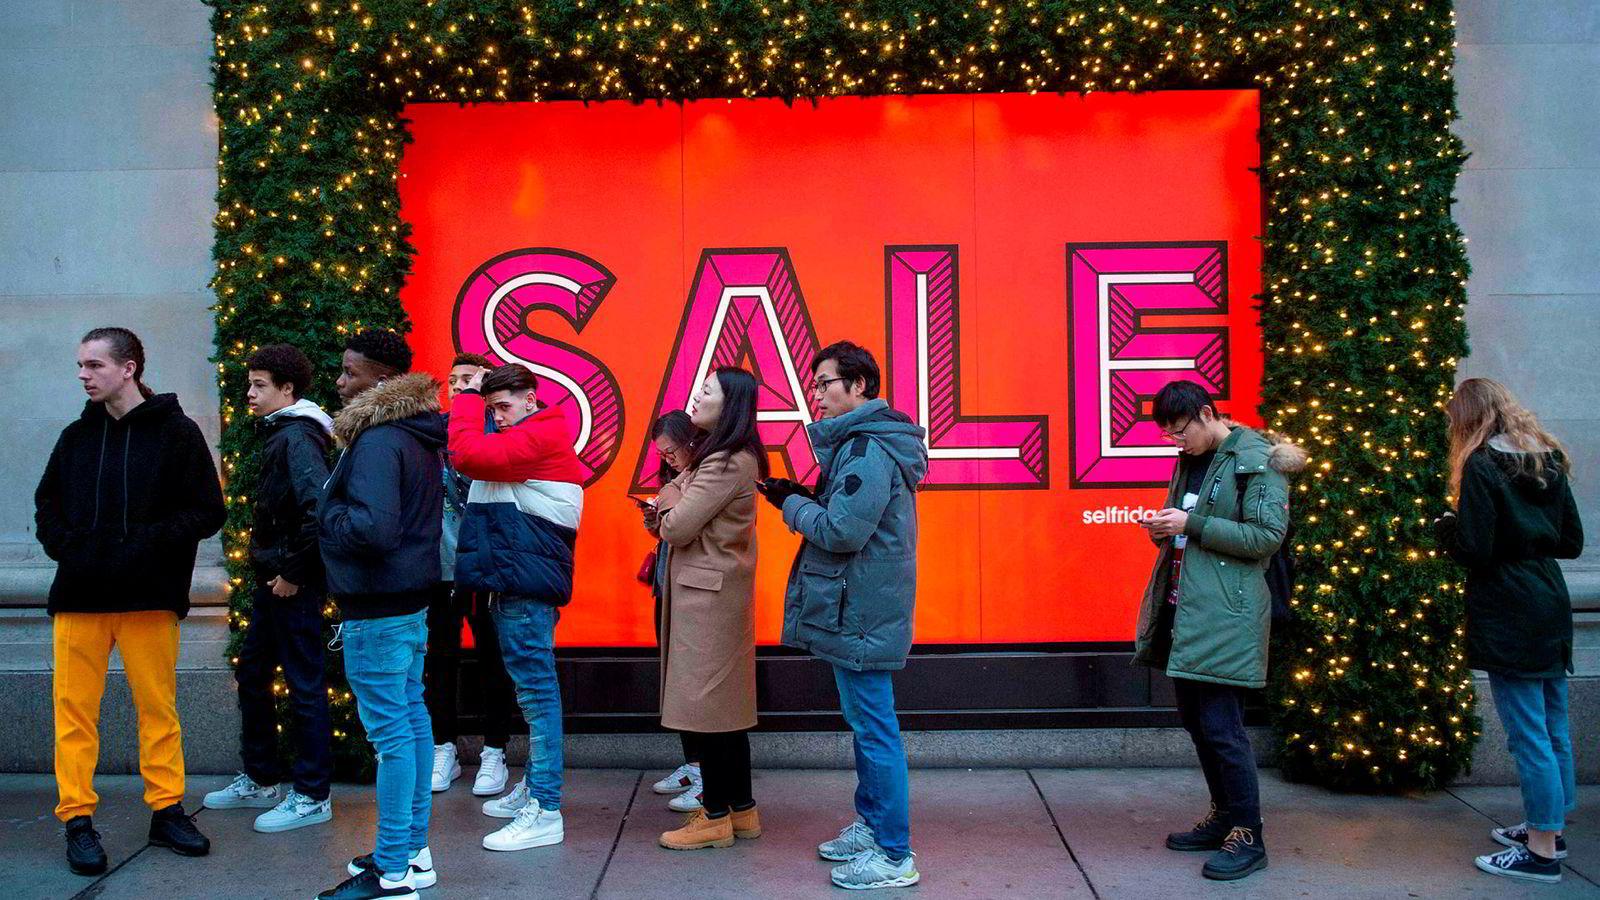 Fra London sentrum, før julesalget i butikkene hadde startet om morgenen 26. desember.